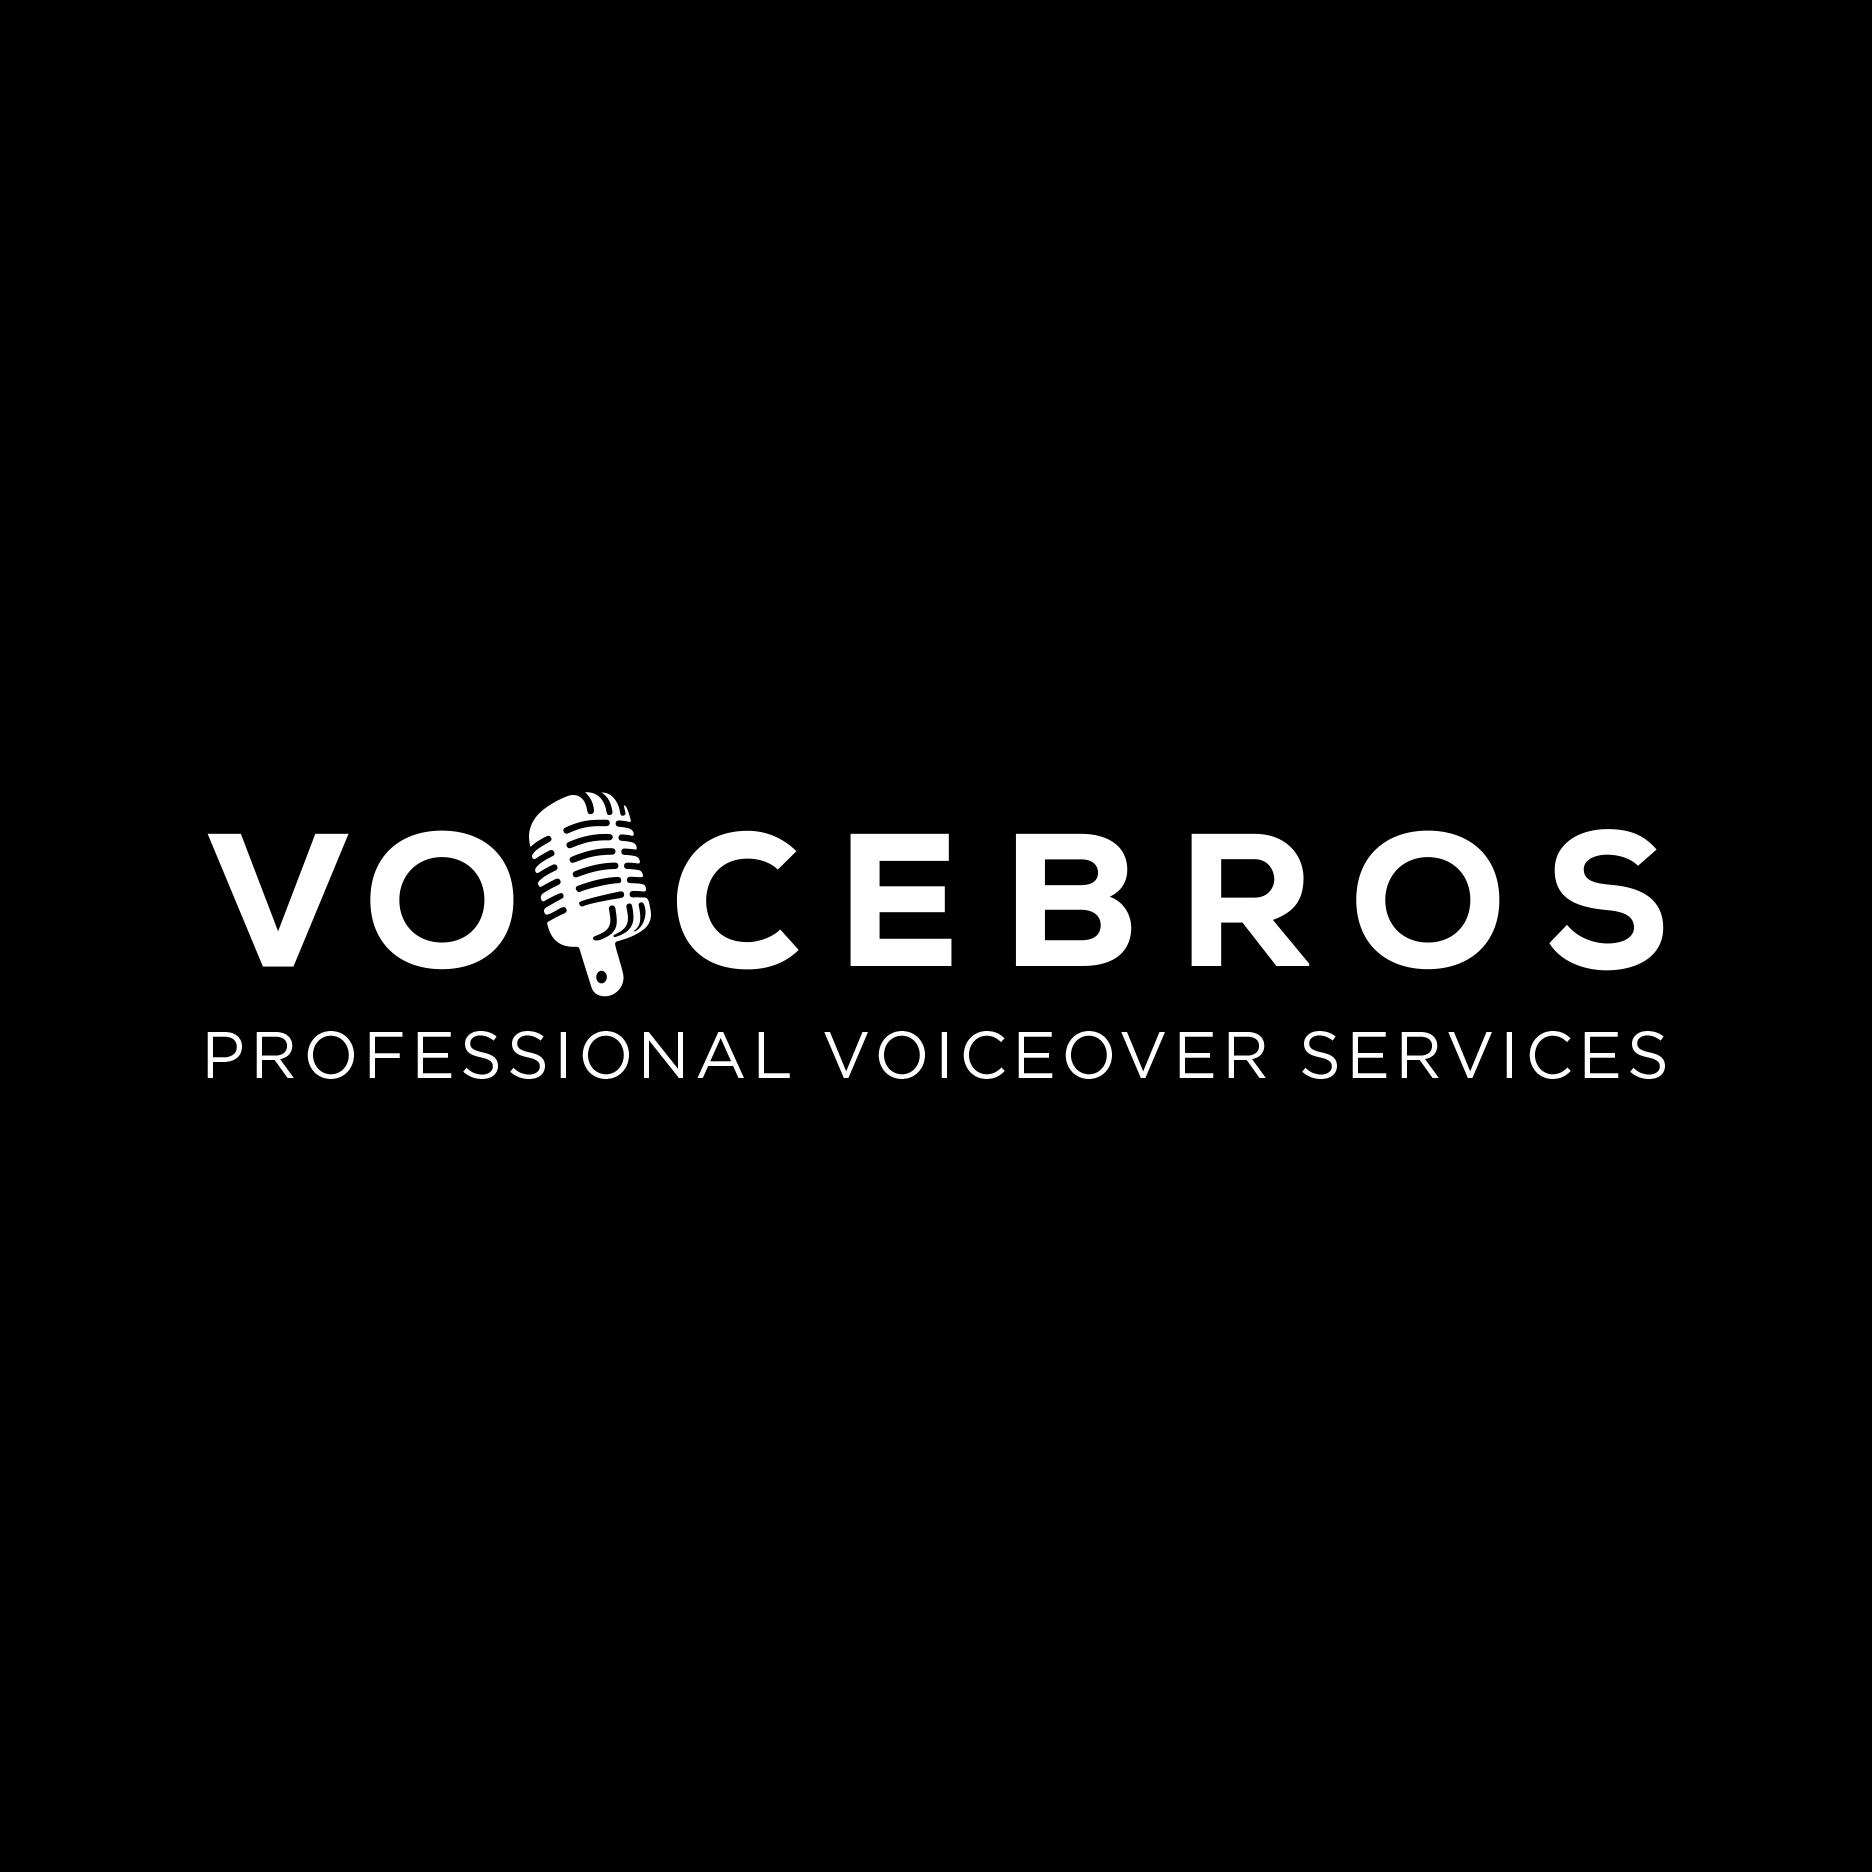 Jesus Paez-Cortez is a voice over actor